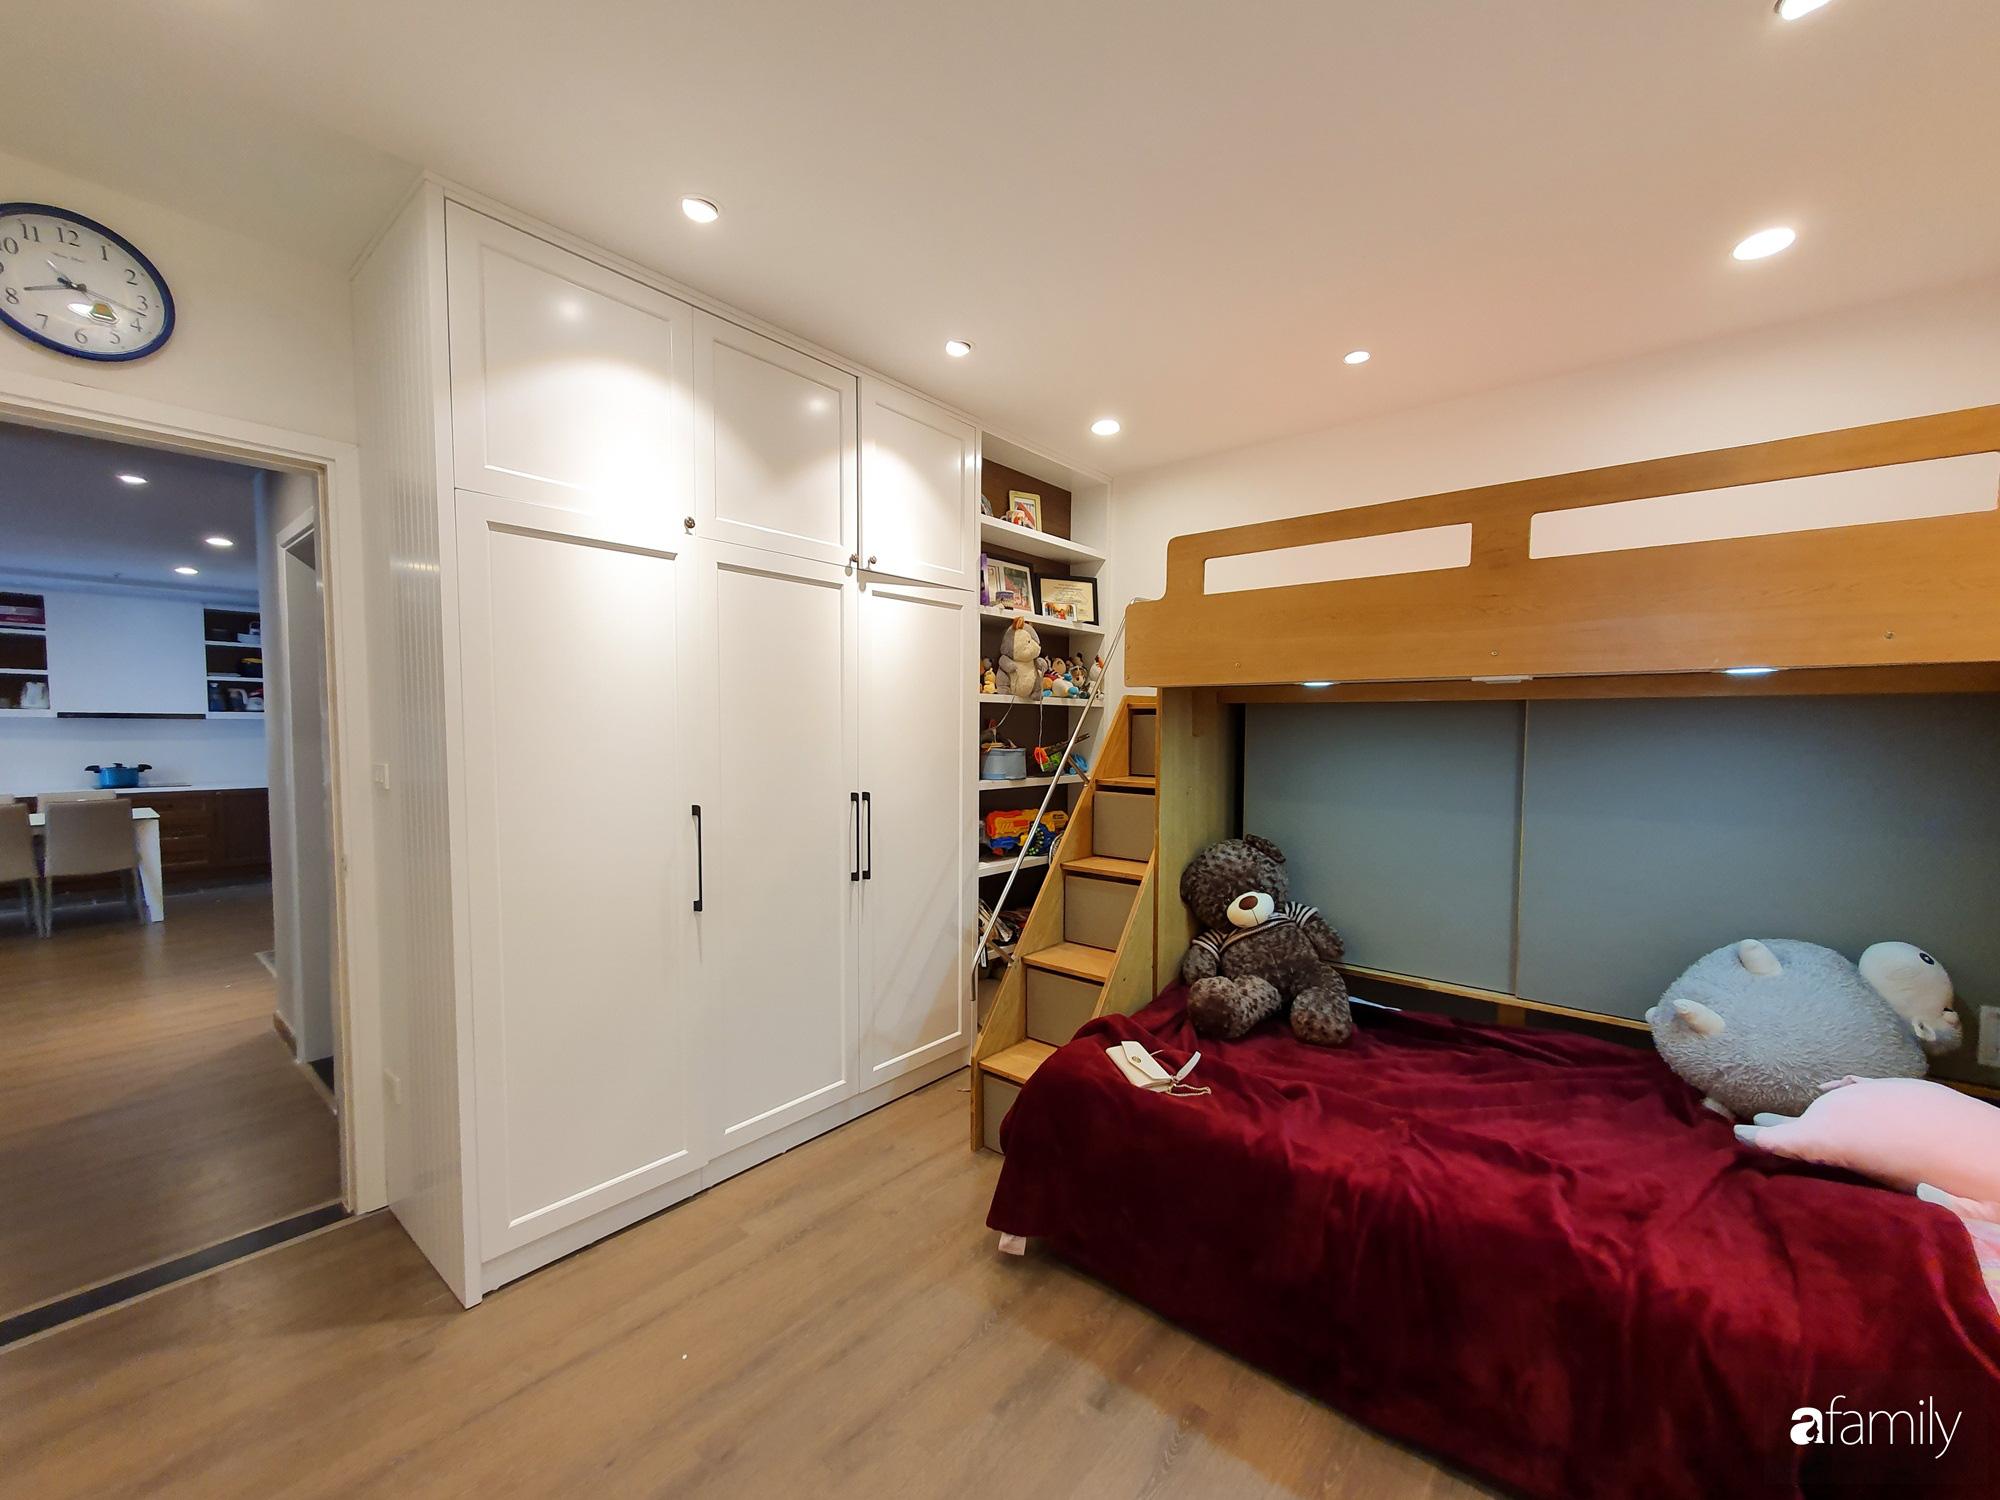 Căn hộ 116m2 hoàn thiện nội thất chưa đầy 1 tháng vẫn đẹp hiện đại, nền nã ở Cầu Giấy, Hà Nội - Ảnh 14.